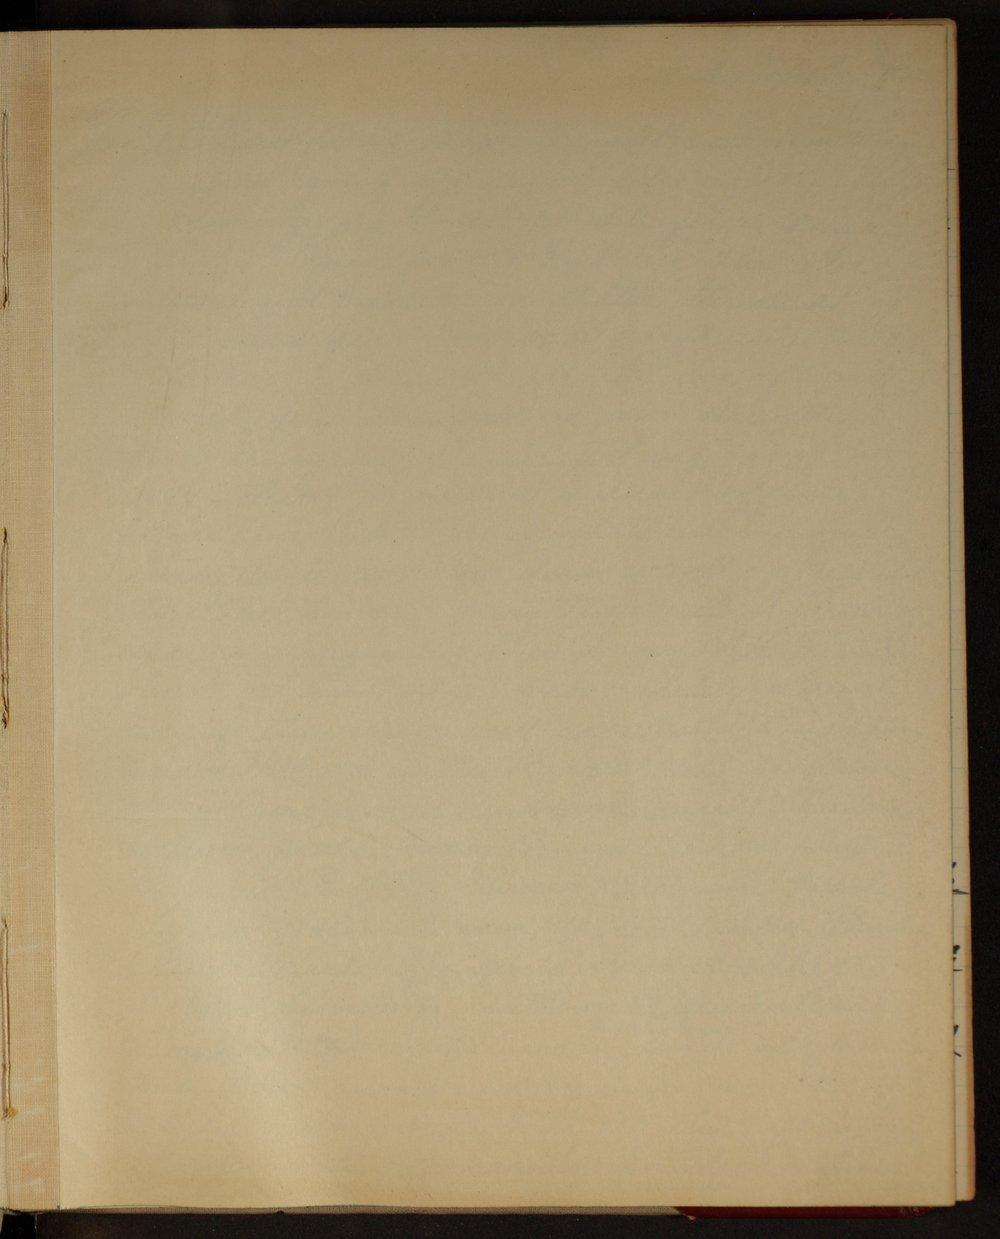 Martha Farnsworth diary - [Blank page]